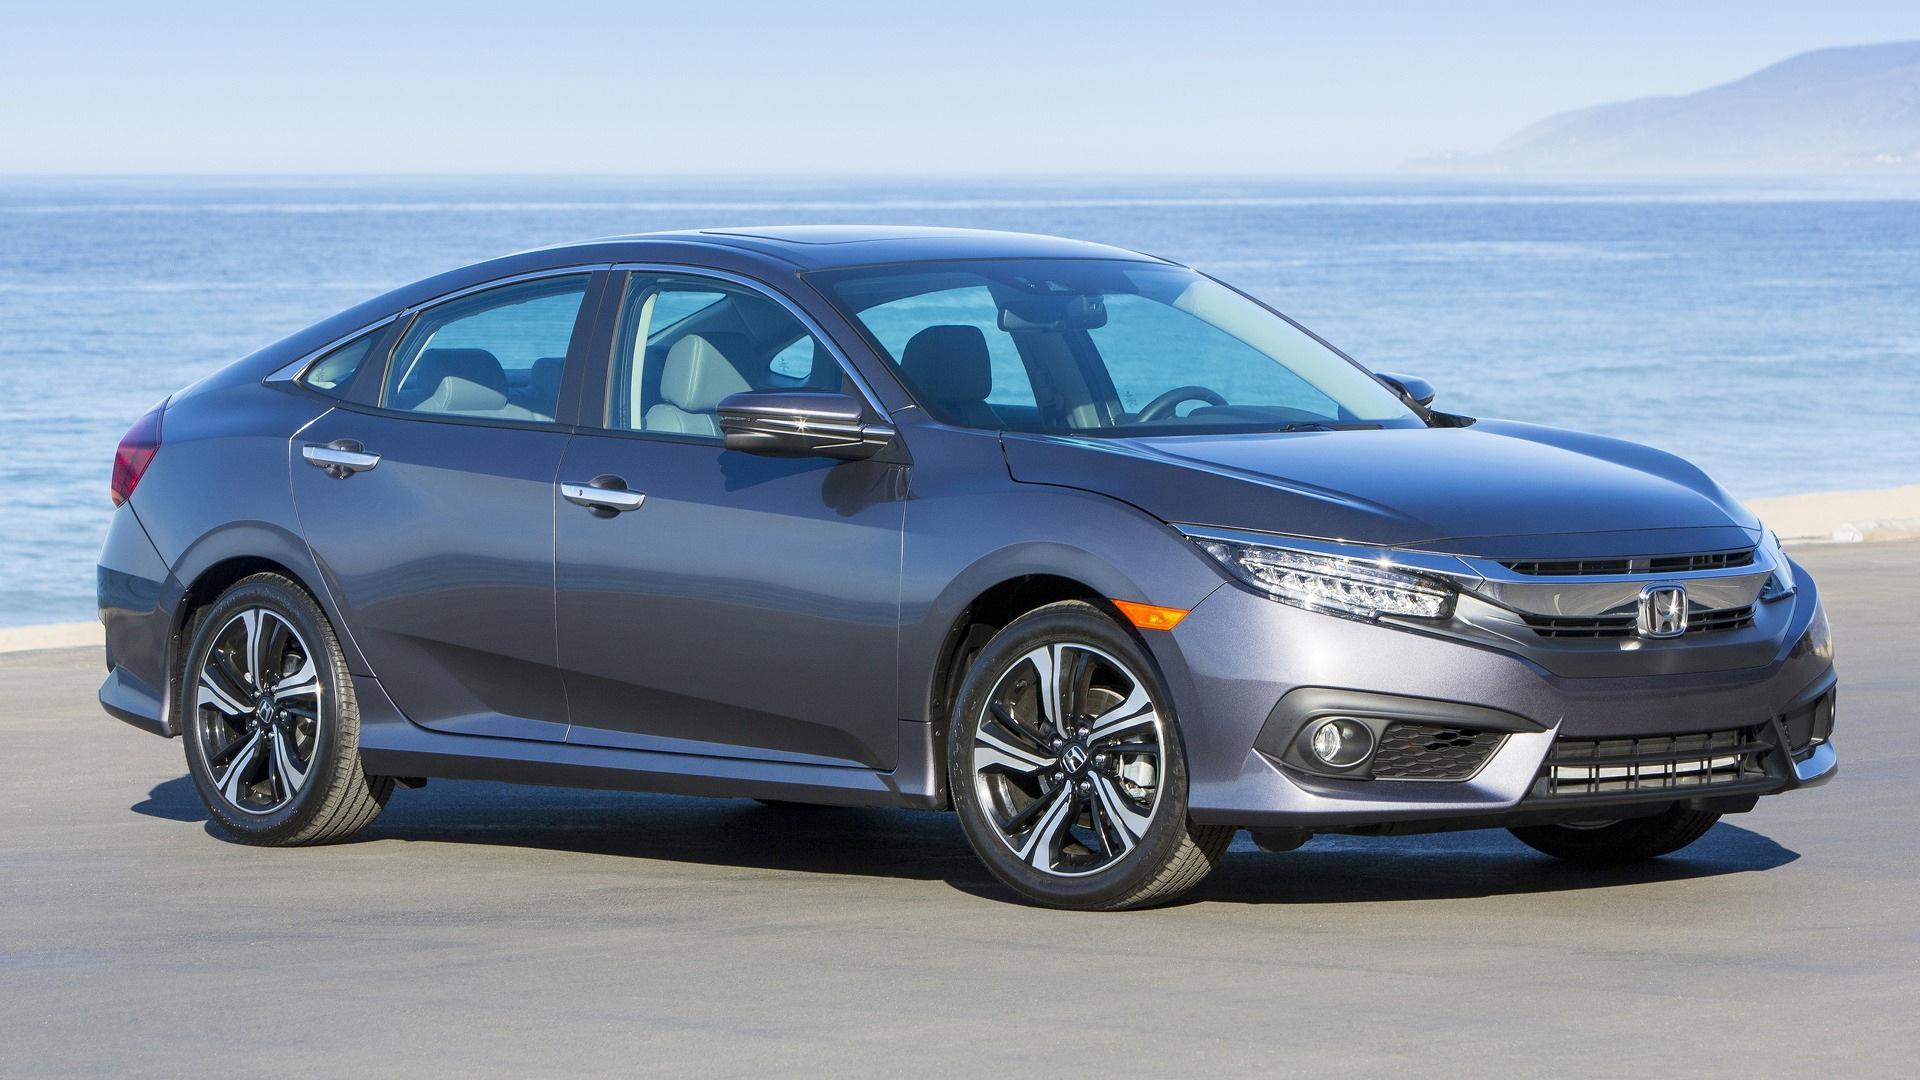 Top 10 mẫu xe bán chạy nhất nước Mỹ năm 2020 - Ảnh 3.